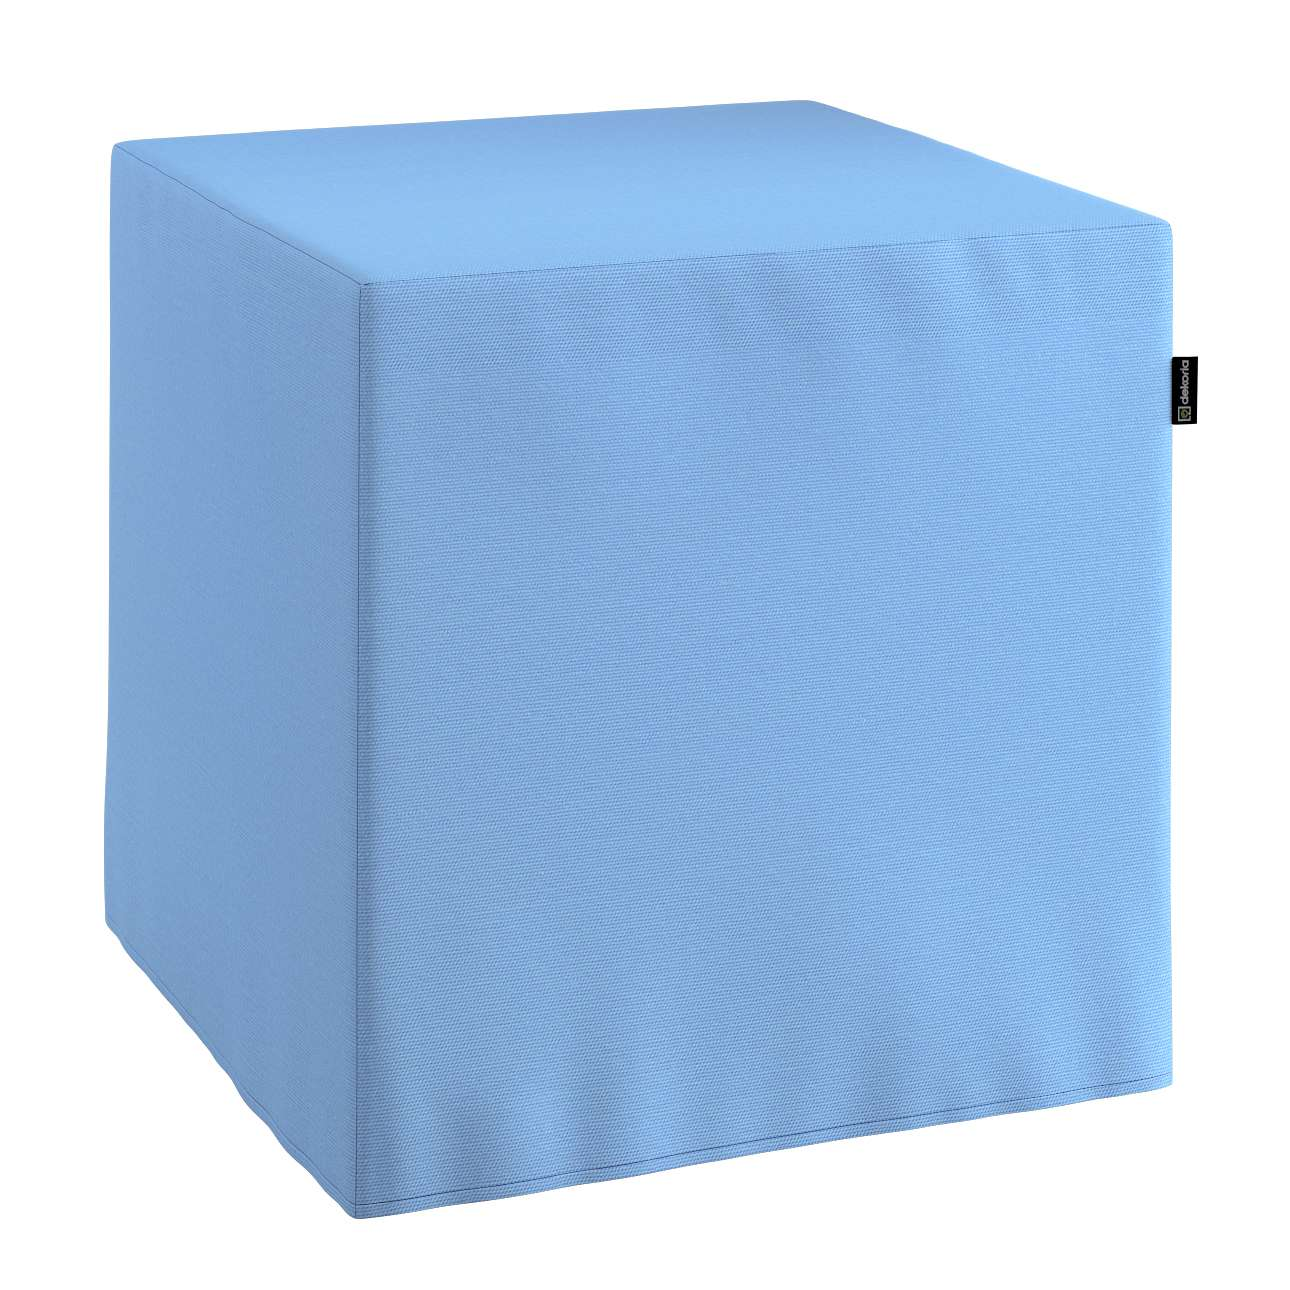 Sedák kostka - pevná 40x40x40 40 × 40 × 40 cm v kolekci Loneta, látka: 133-21